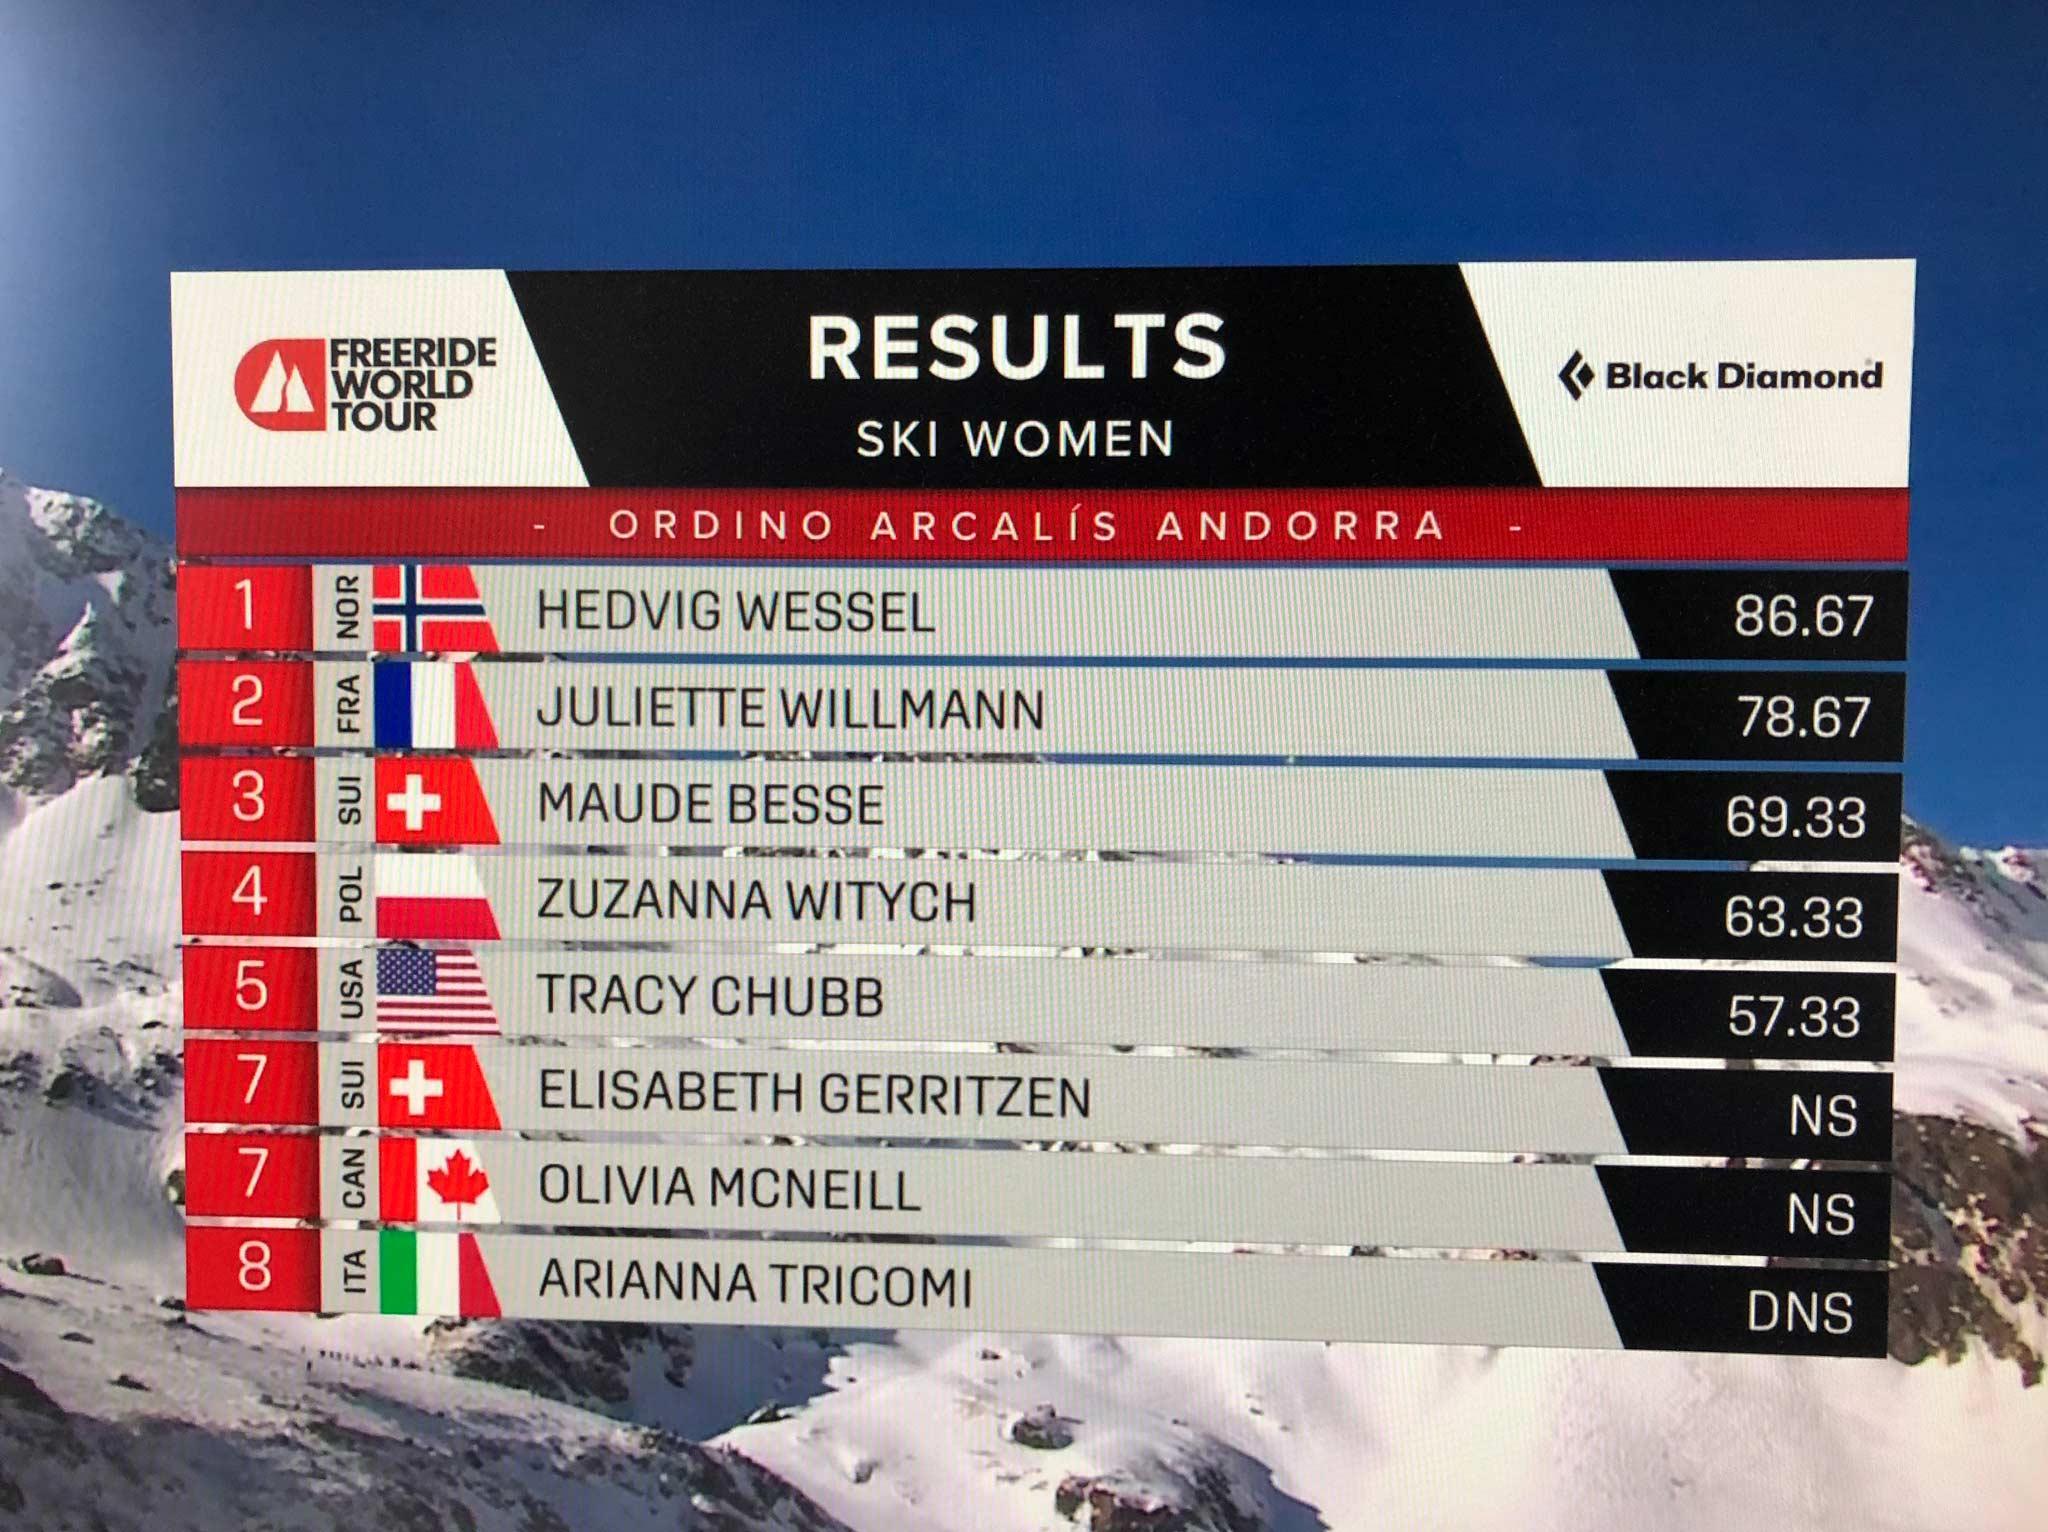 Das Ergebnis der Frauen vom Freeride World Tour 2021 Contest in Andorra im Überblick 2/2.